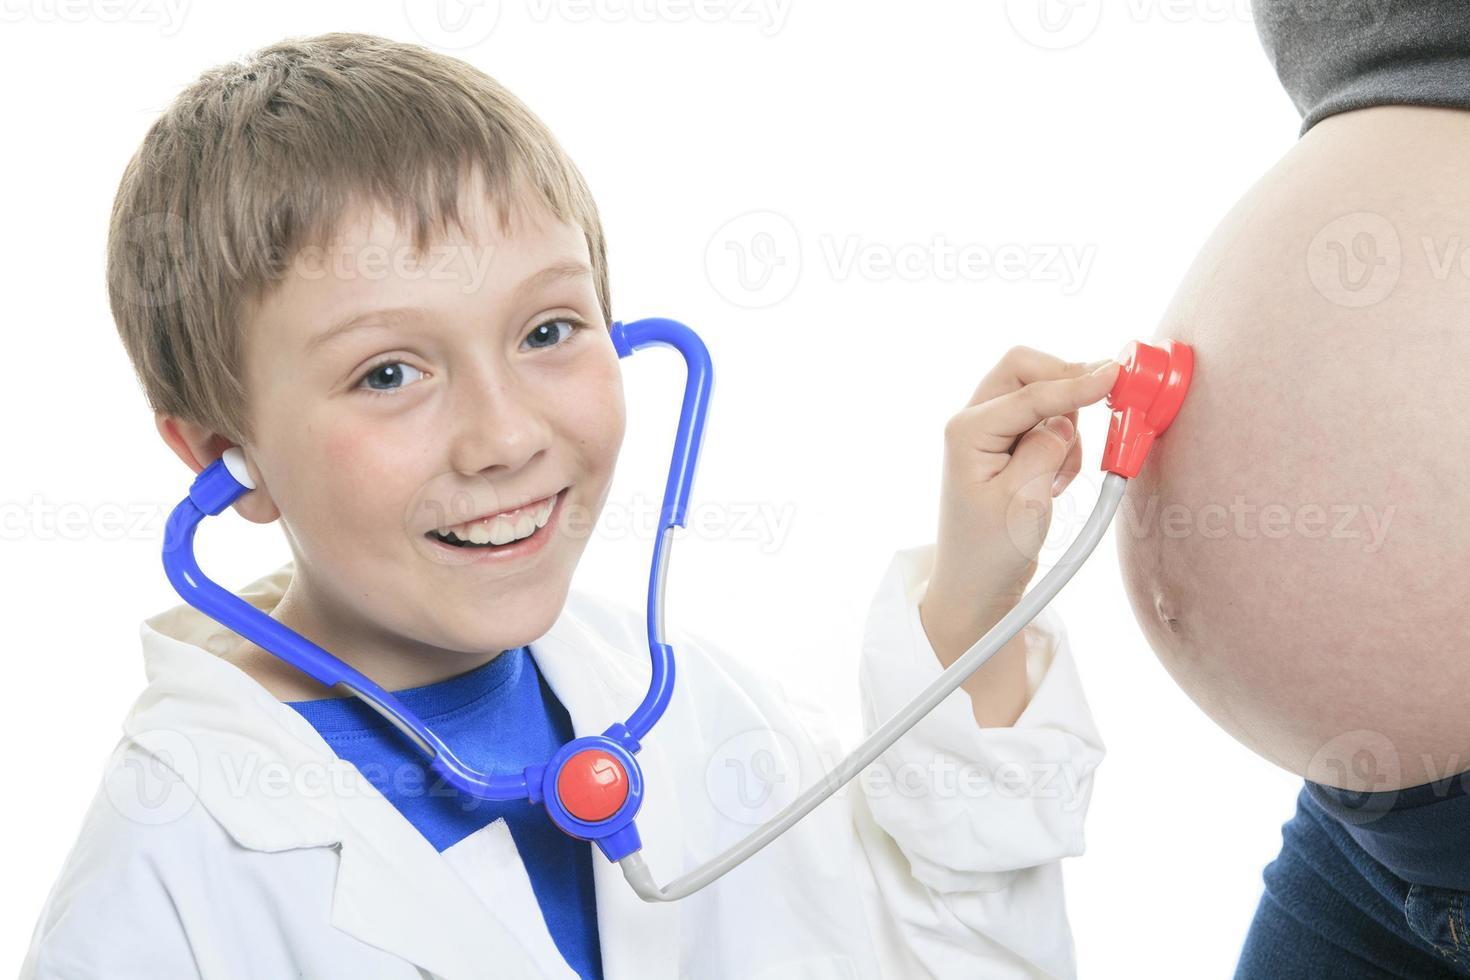 vrolijke kleine broer luisteren stethoscoop buik foto